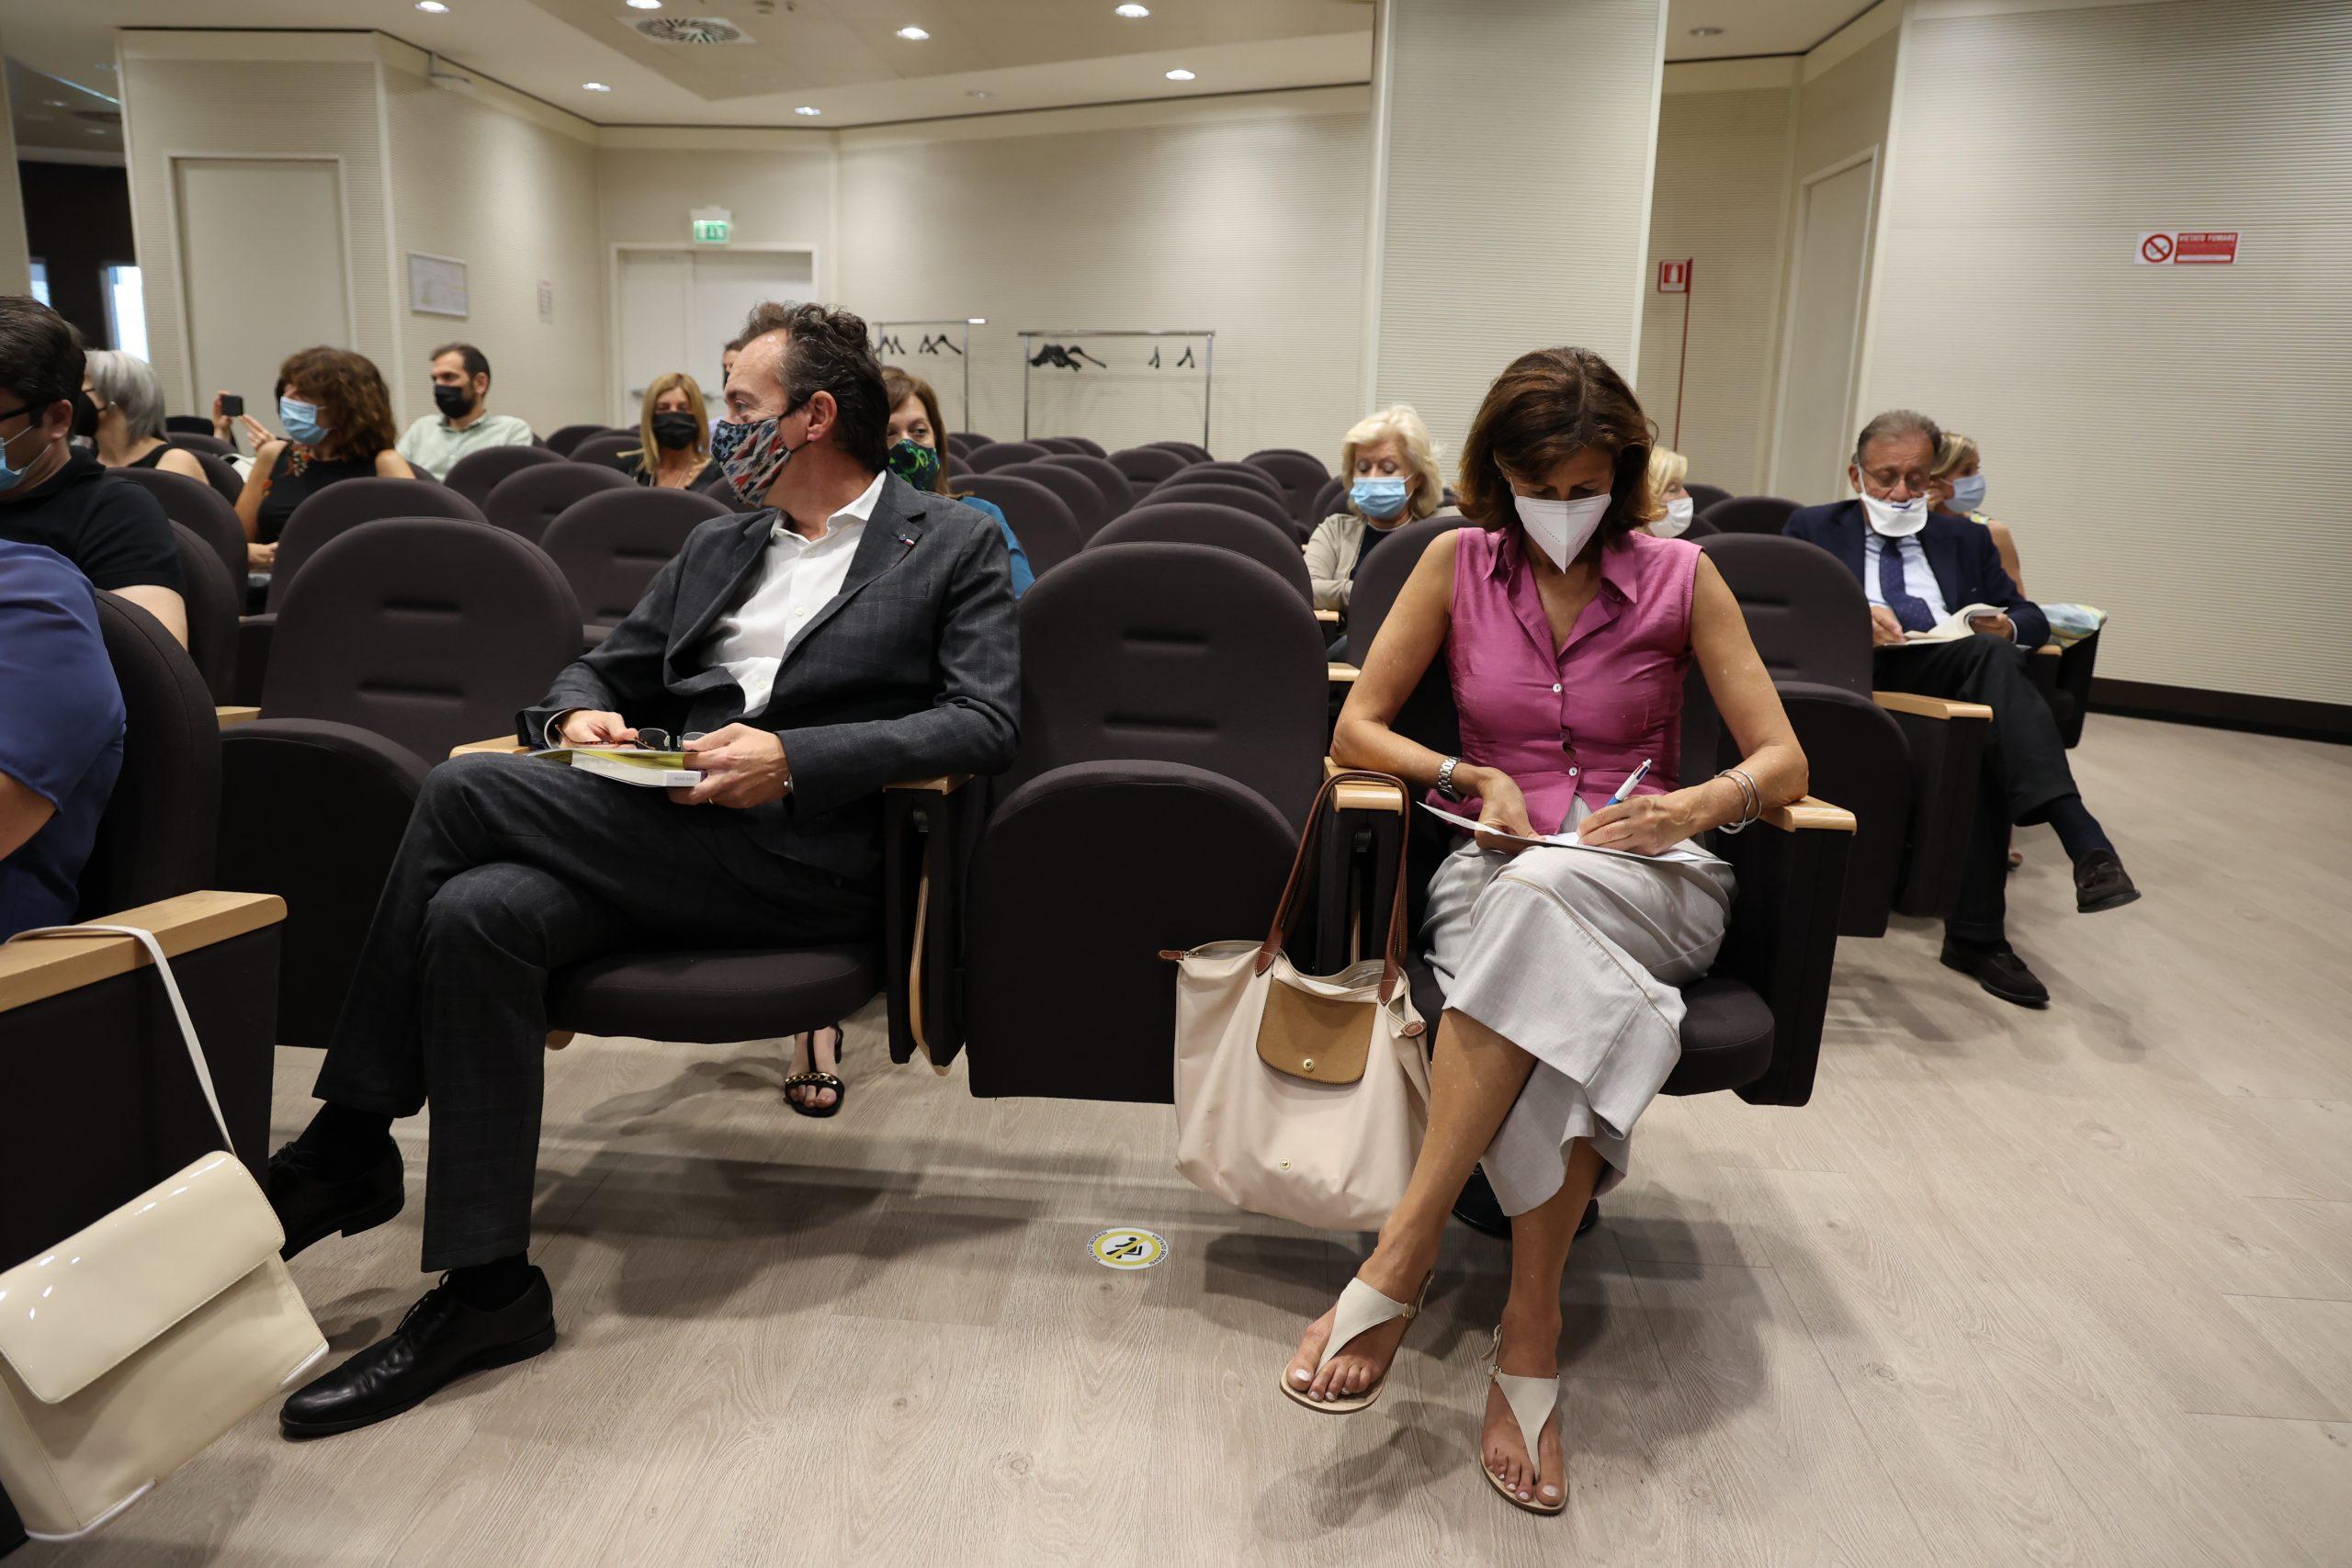 Il Dottor Francesco Leone, Direttore di Oncologia ASL BI, e Agelica Sella alla premiazione dell'edizione 2021 del concorso letterario Gim, fra sogno e realtà del Fondo Edo Tempia di Biella.